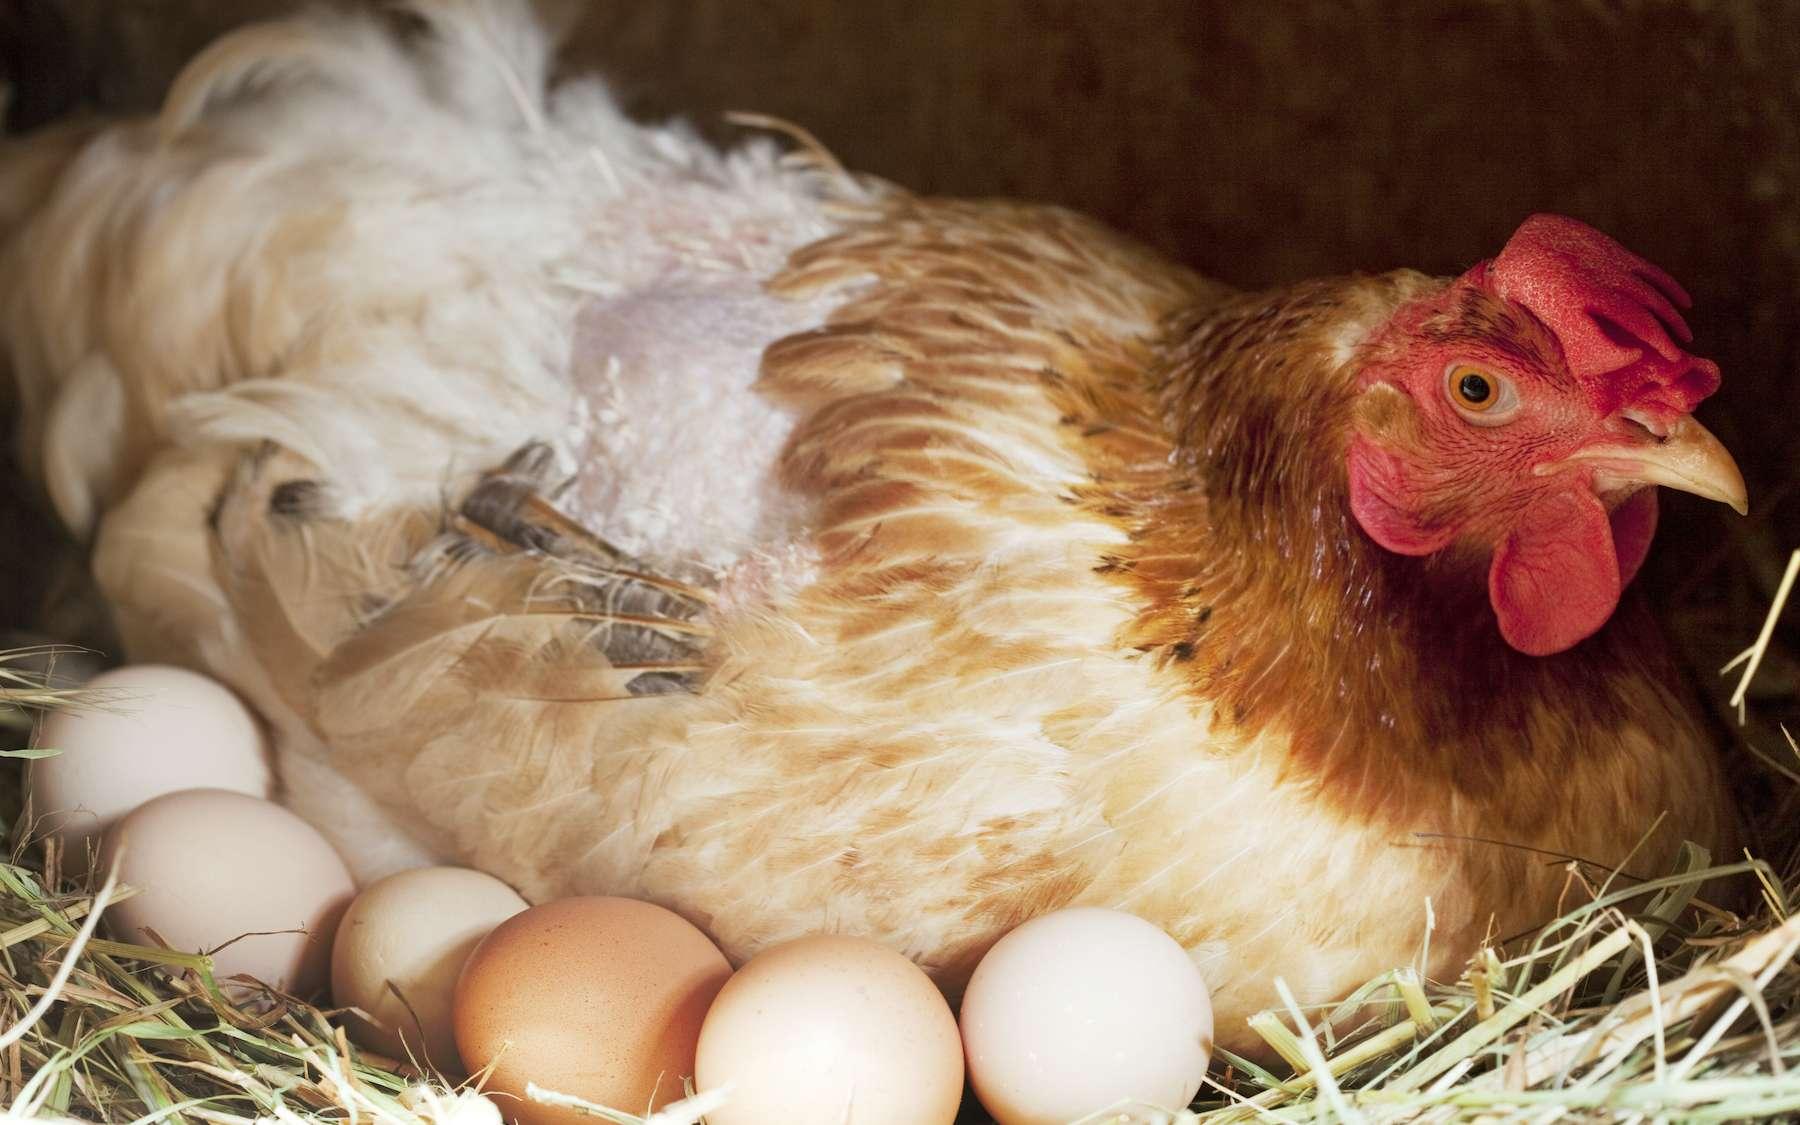 Les poules pondeuses sont fréquemment victimes de fractures lors de la ponte. © RomainQuéré, Adobe Stock